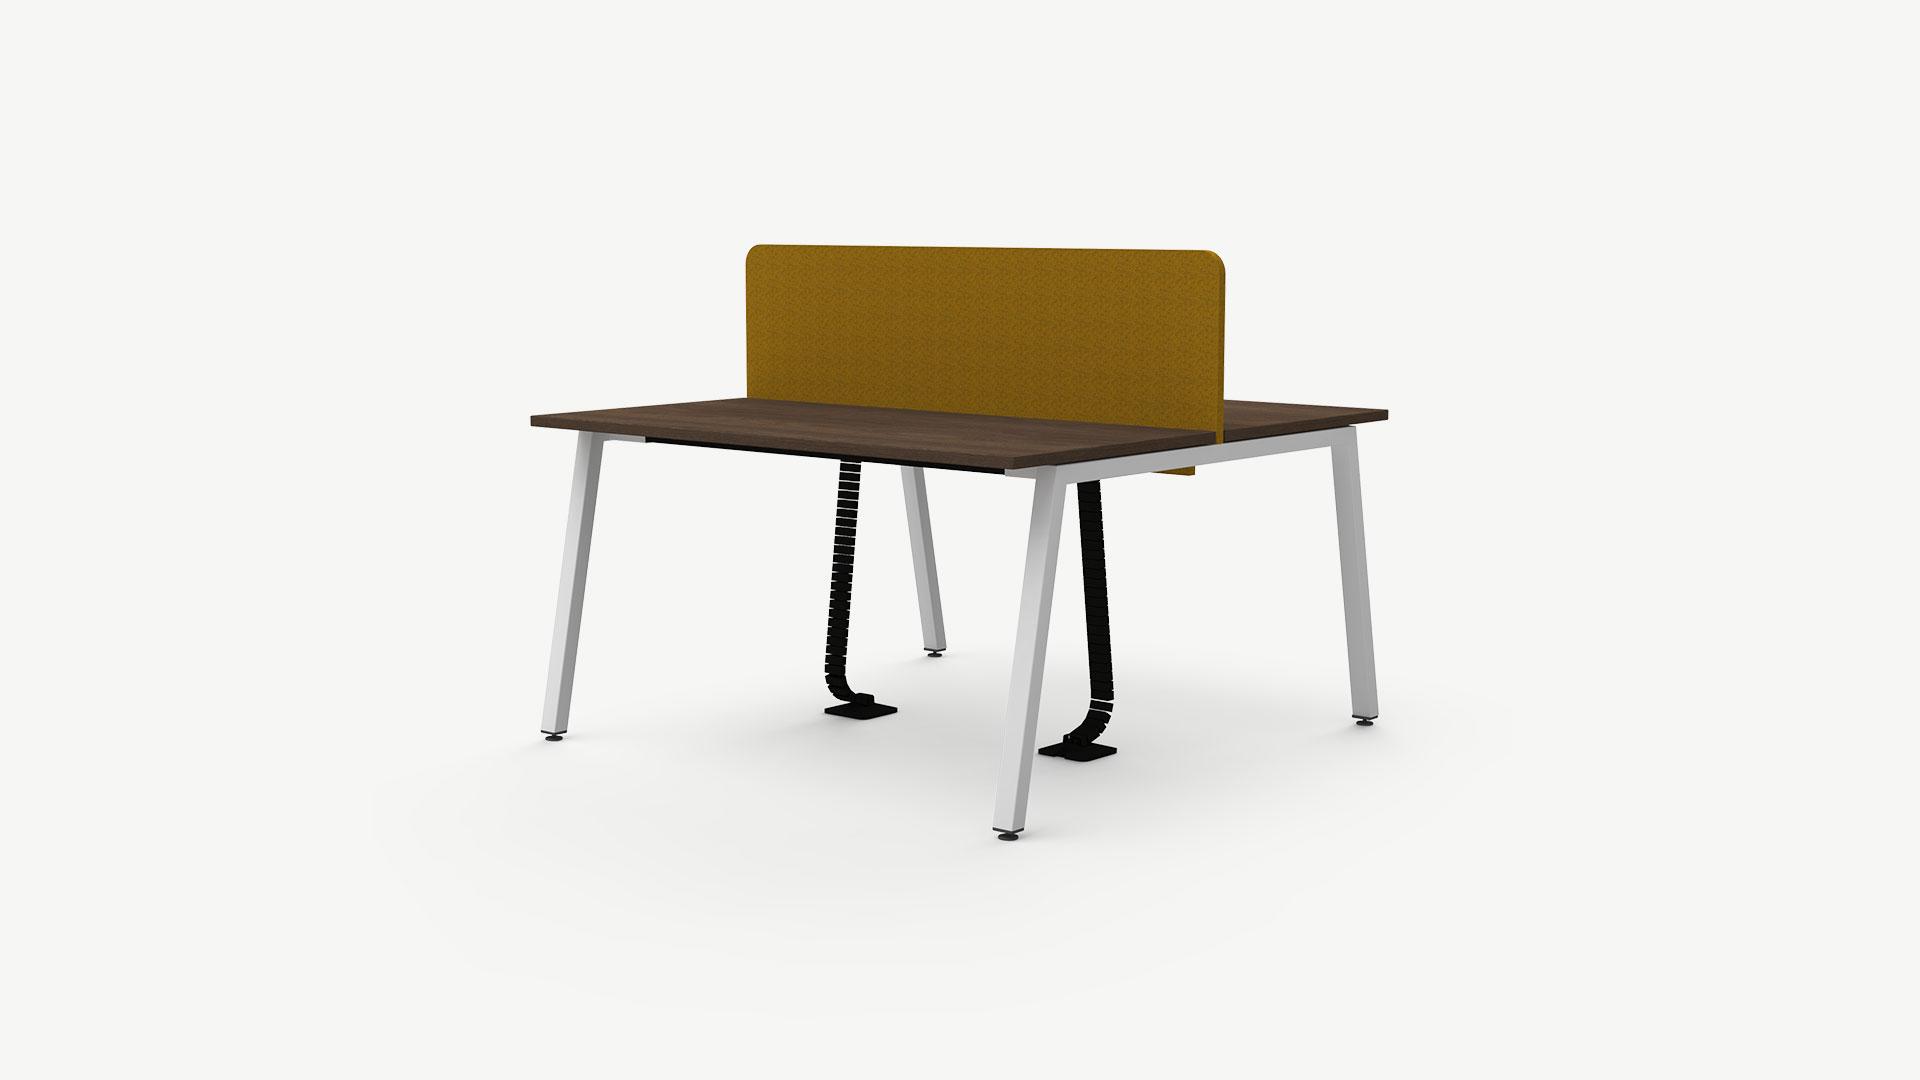 Nowy Styl manuell höhenverstellbare beidseitige Schreibtisch Kombi CS5040, A-Beine